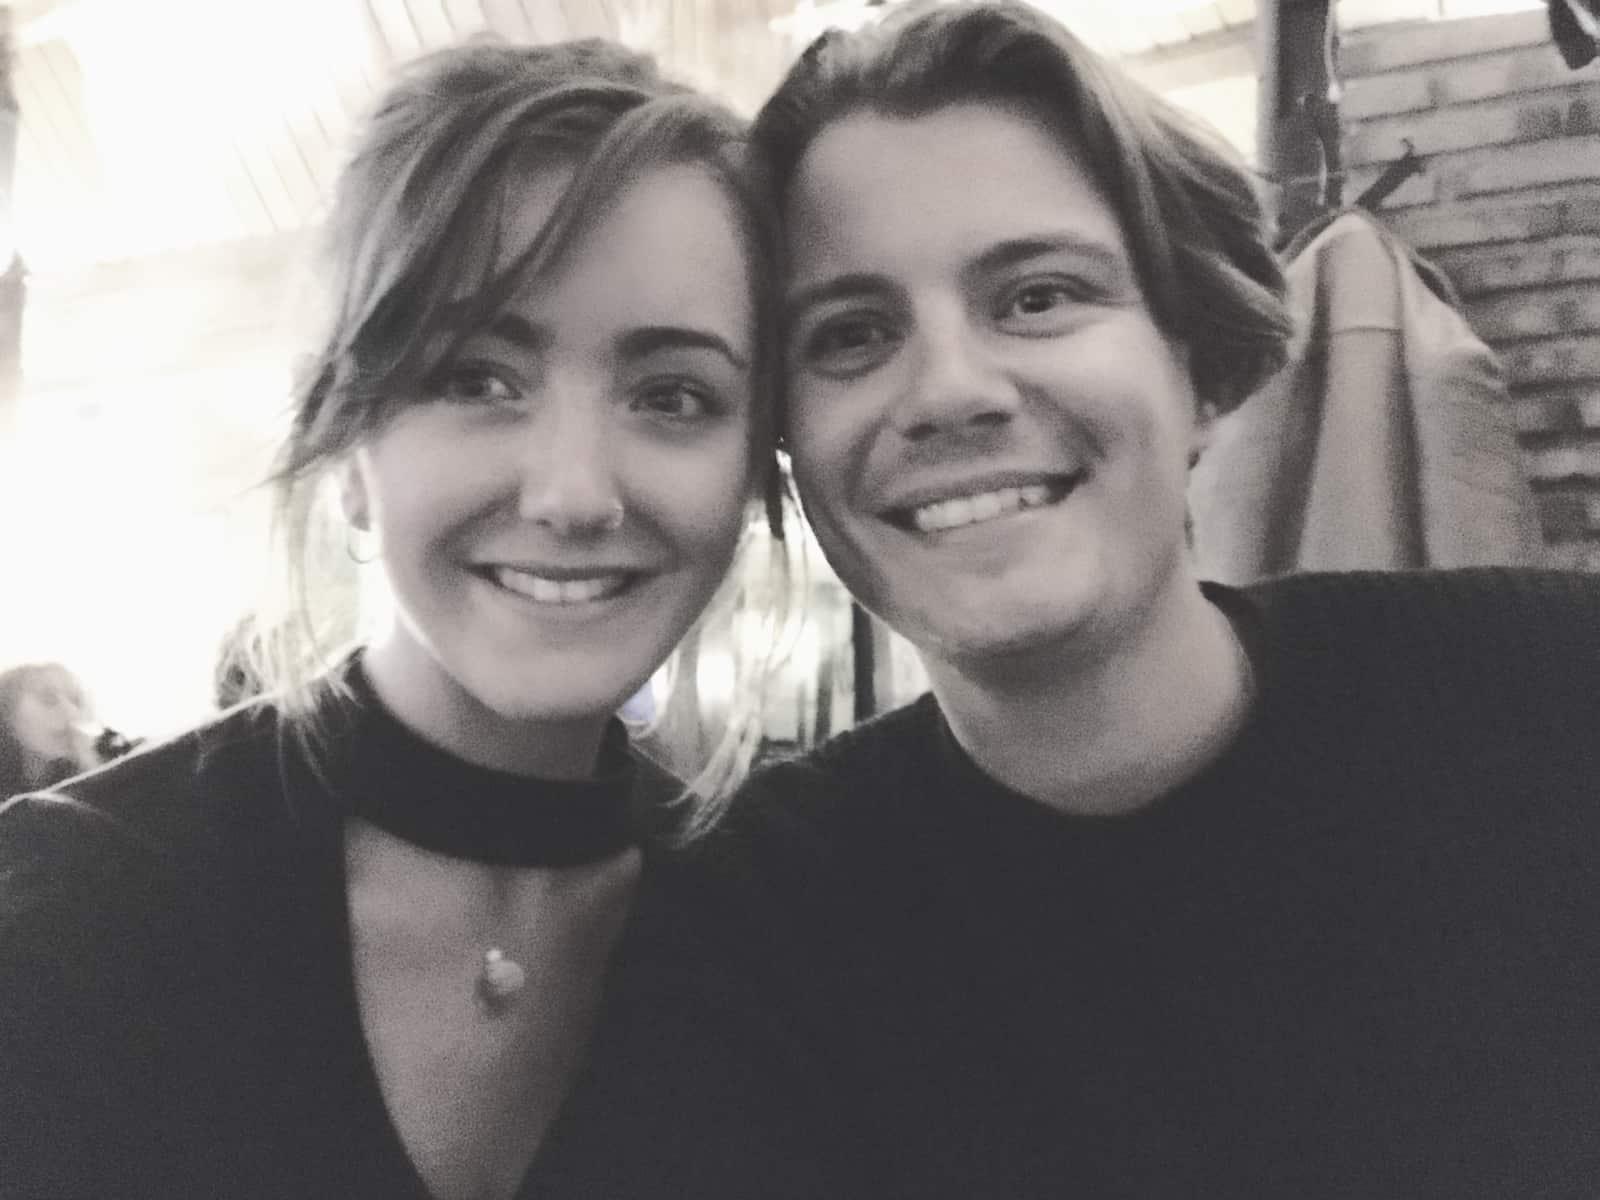 Nicky & Sam from Almería, Spain